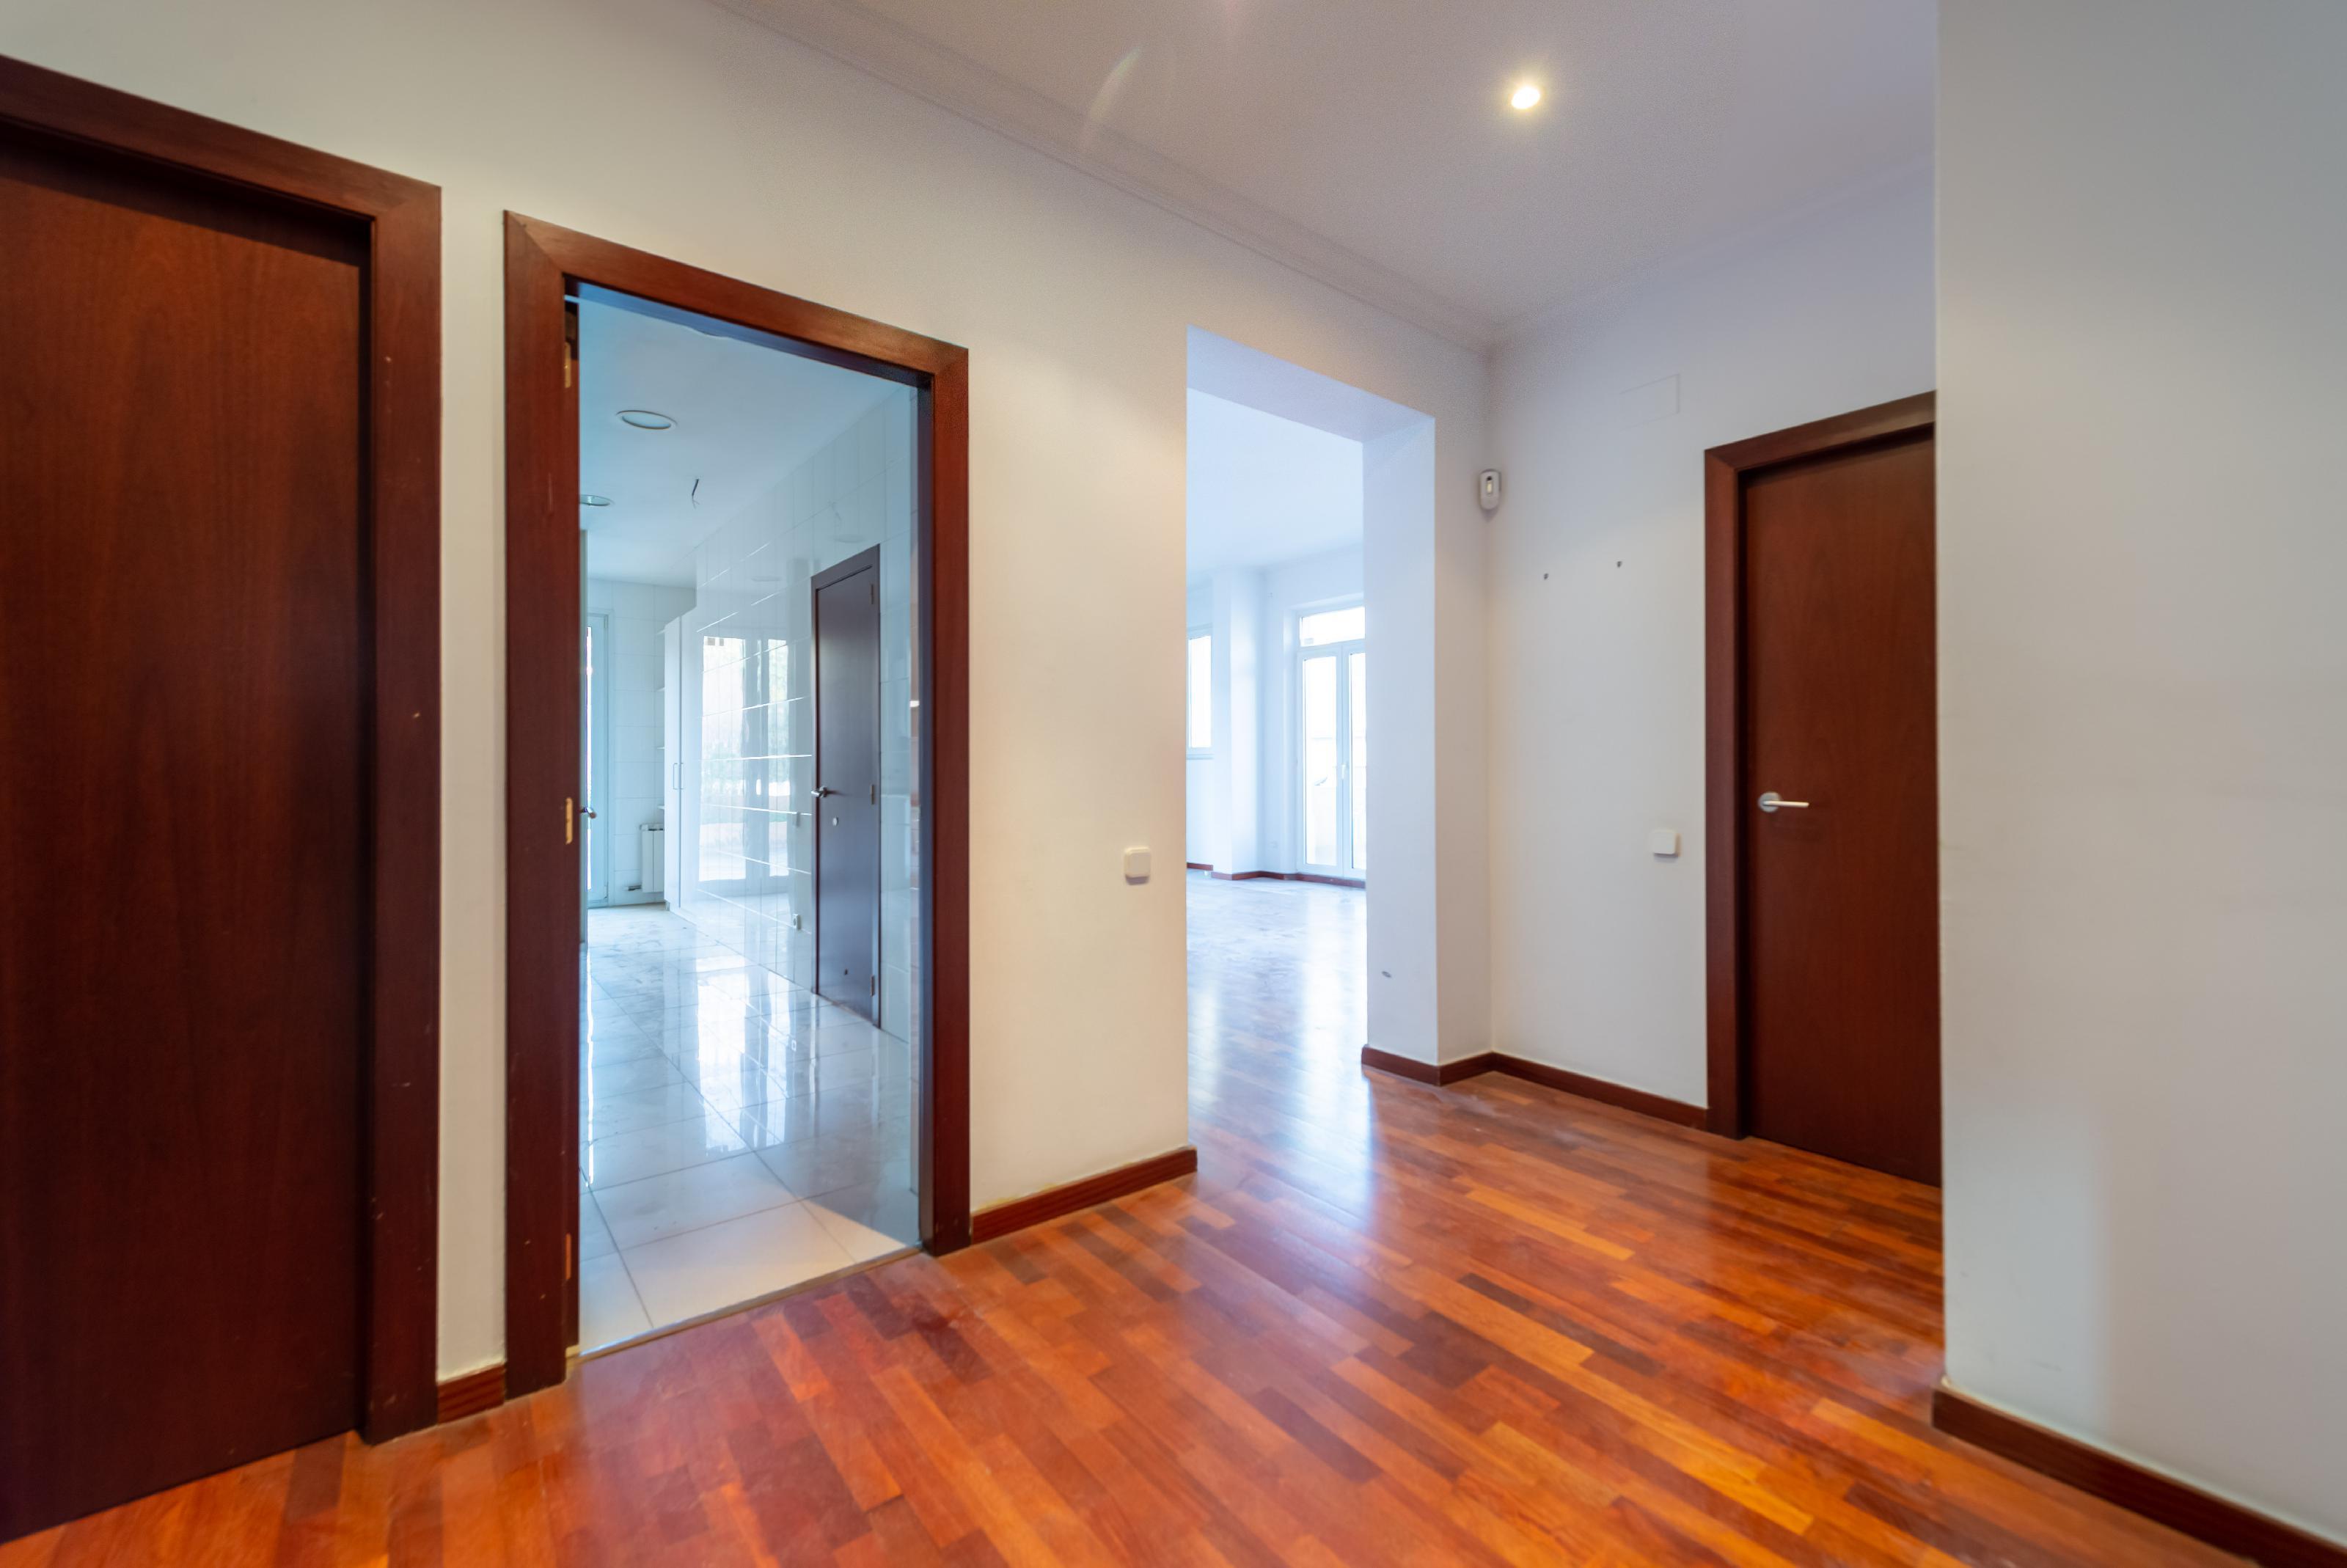 246020 Flat for sale in Sarrià-Sant Gervasi, Sarrià 3